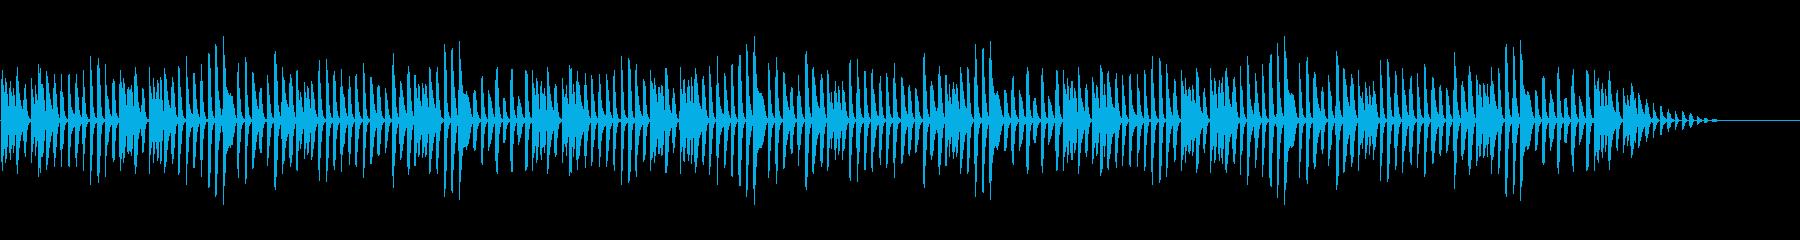 童謡「茶色の小瓶」シンプルなピアノソロの再生済みの波形